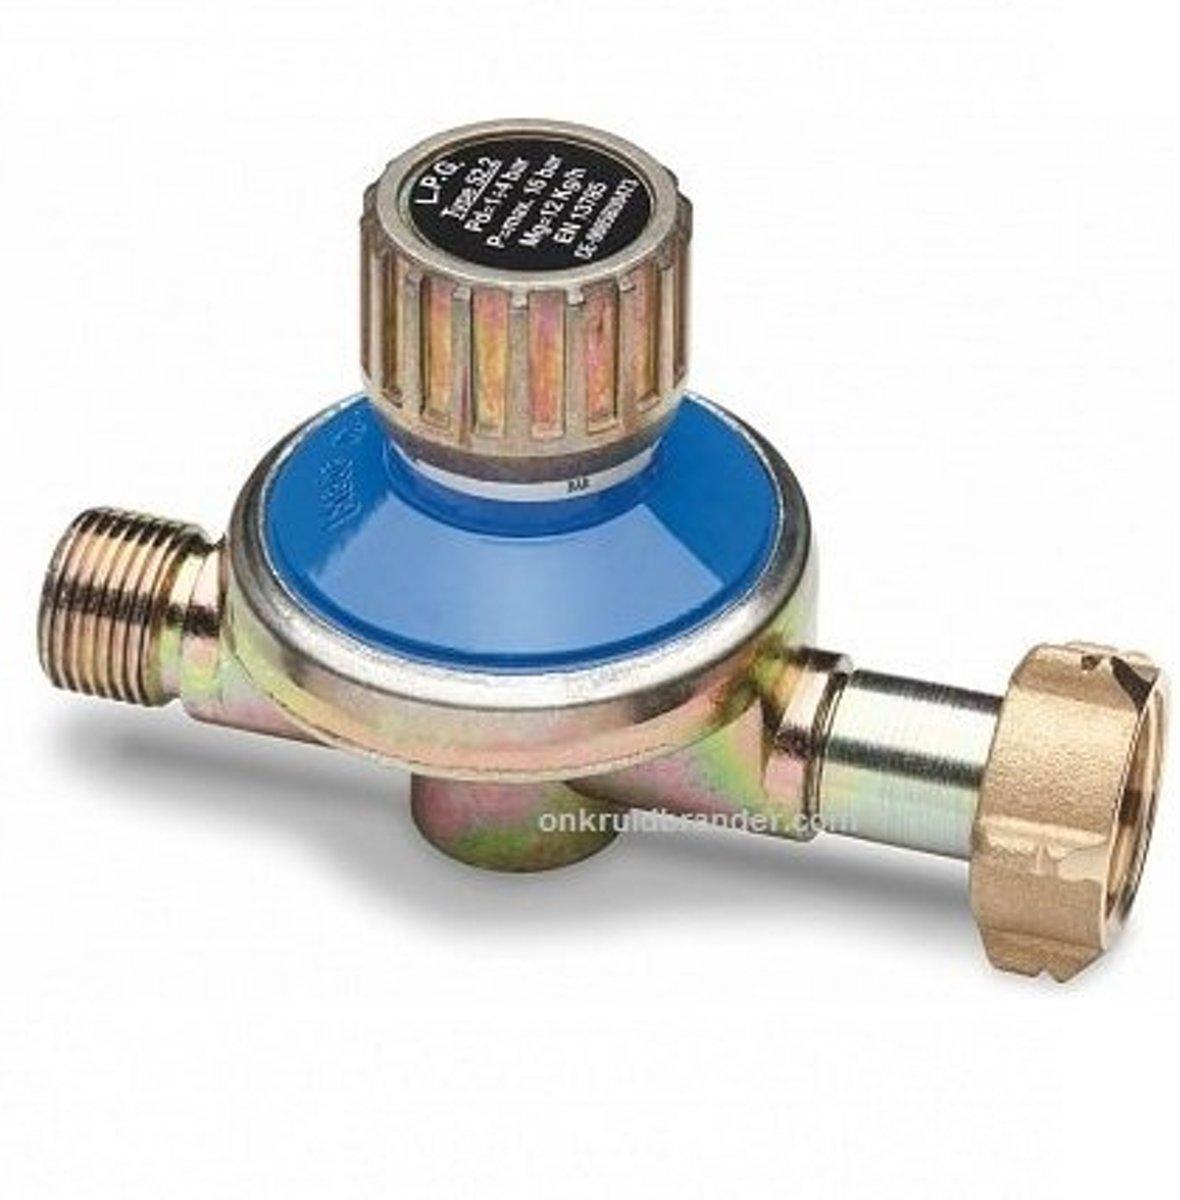 instelbare drukregelaar van 1 - 4 bar gasdrukregelaar kopen